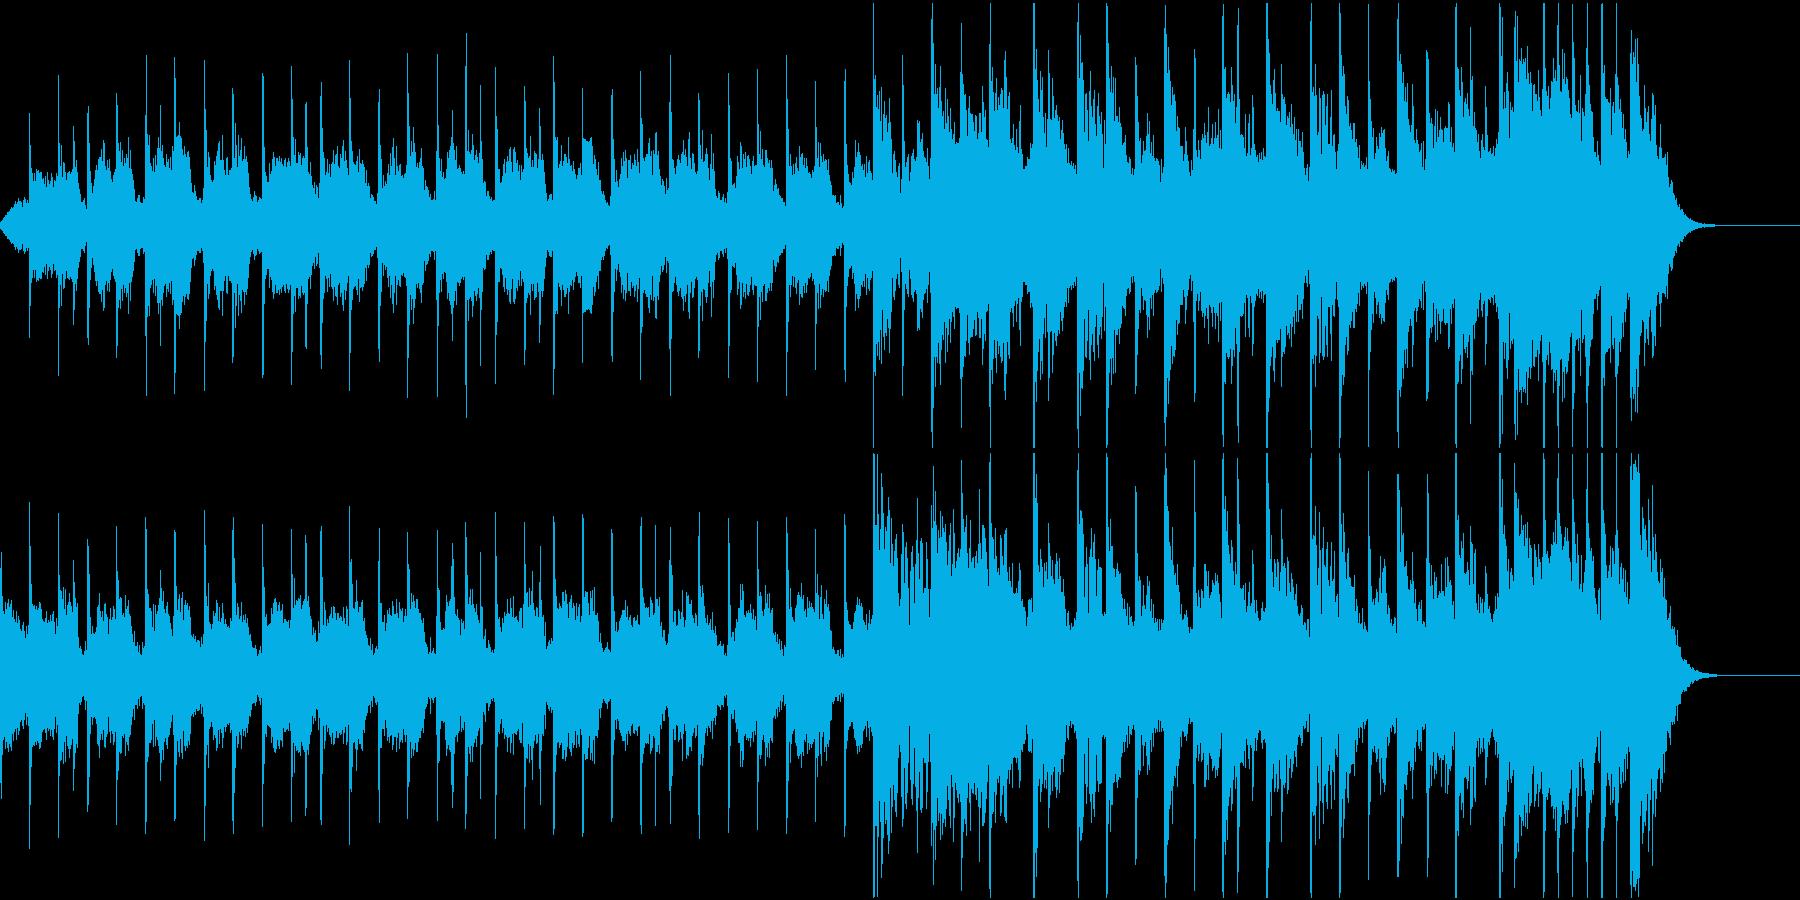 ロックとポップスを組み合わせたBGMの再生済みの波形